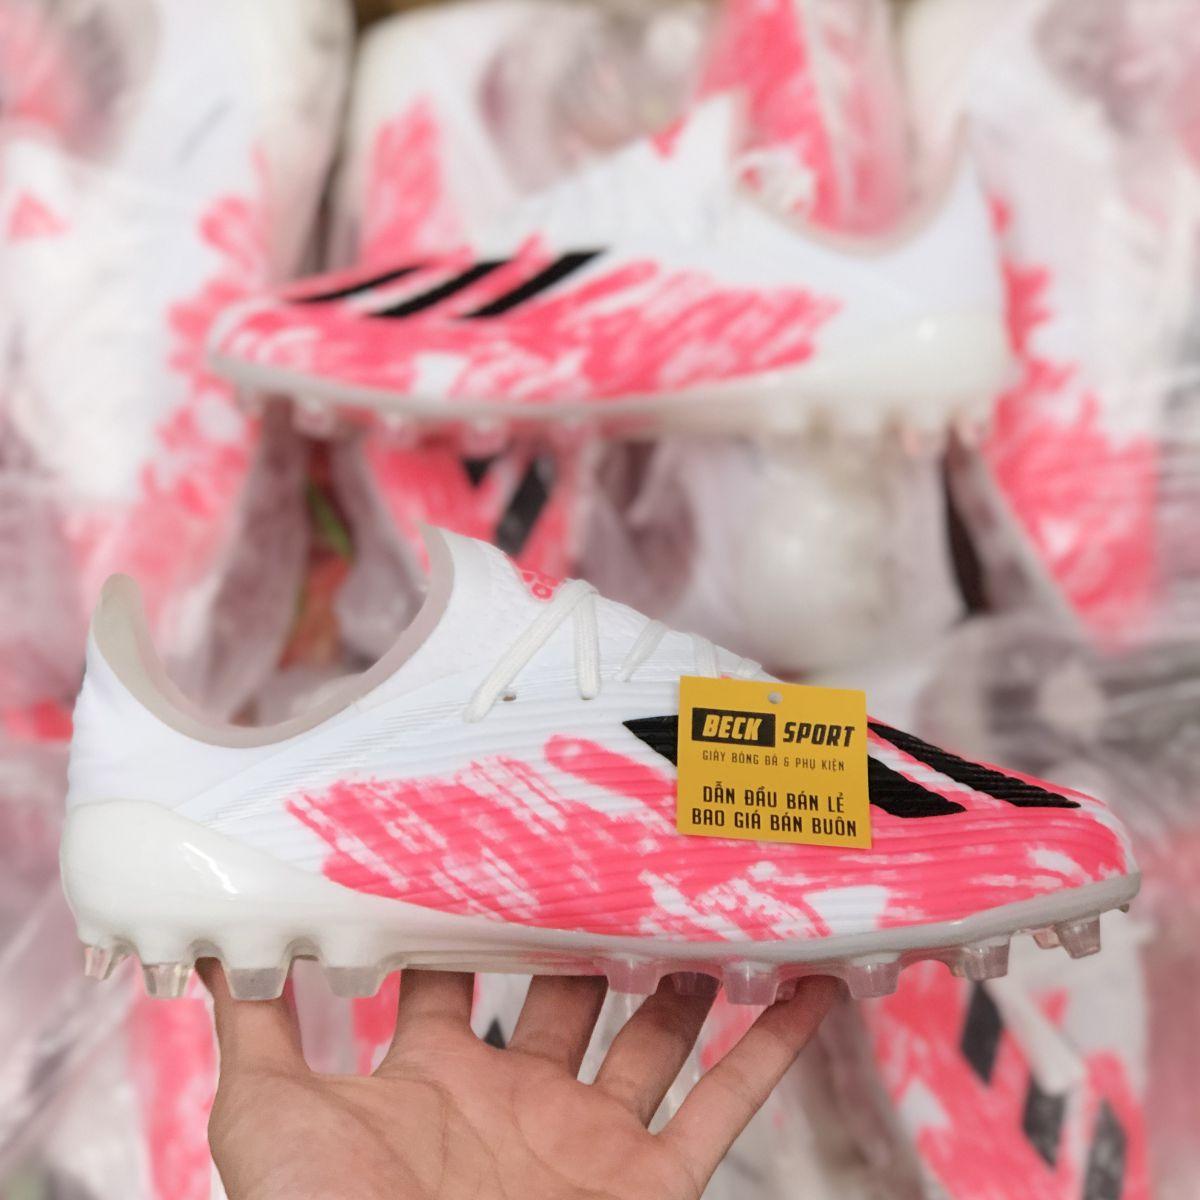 Giày Bóng Đá Adidas X 19.1 Trắng Xám Hồng Vạch Đen V2 AG